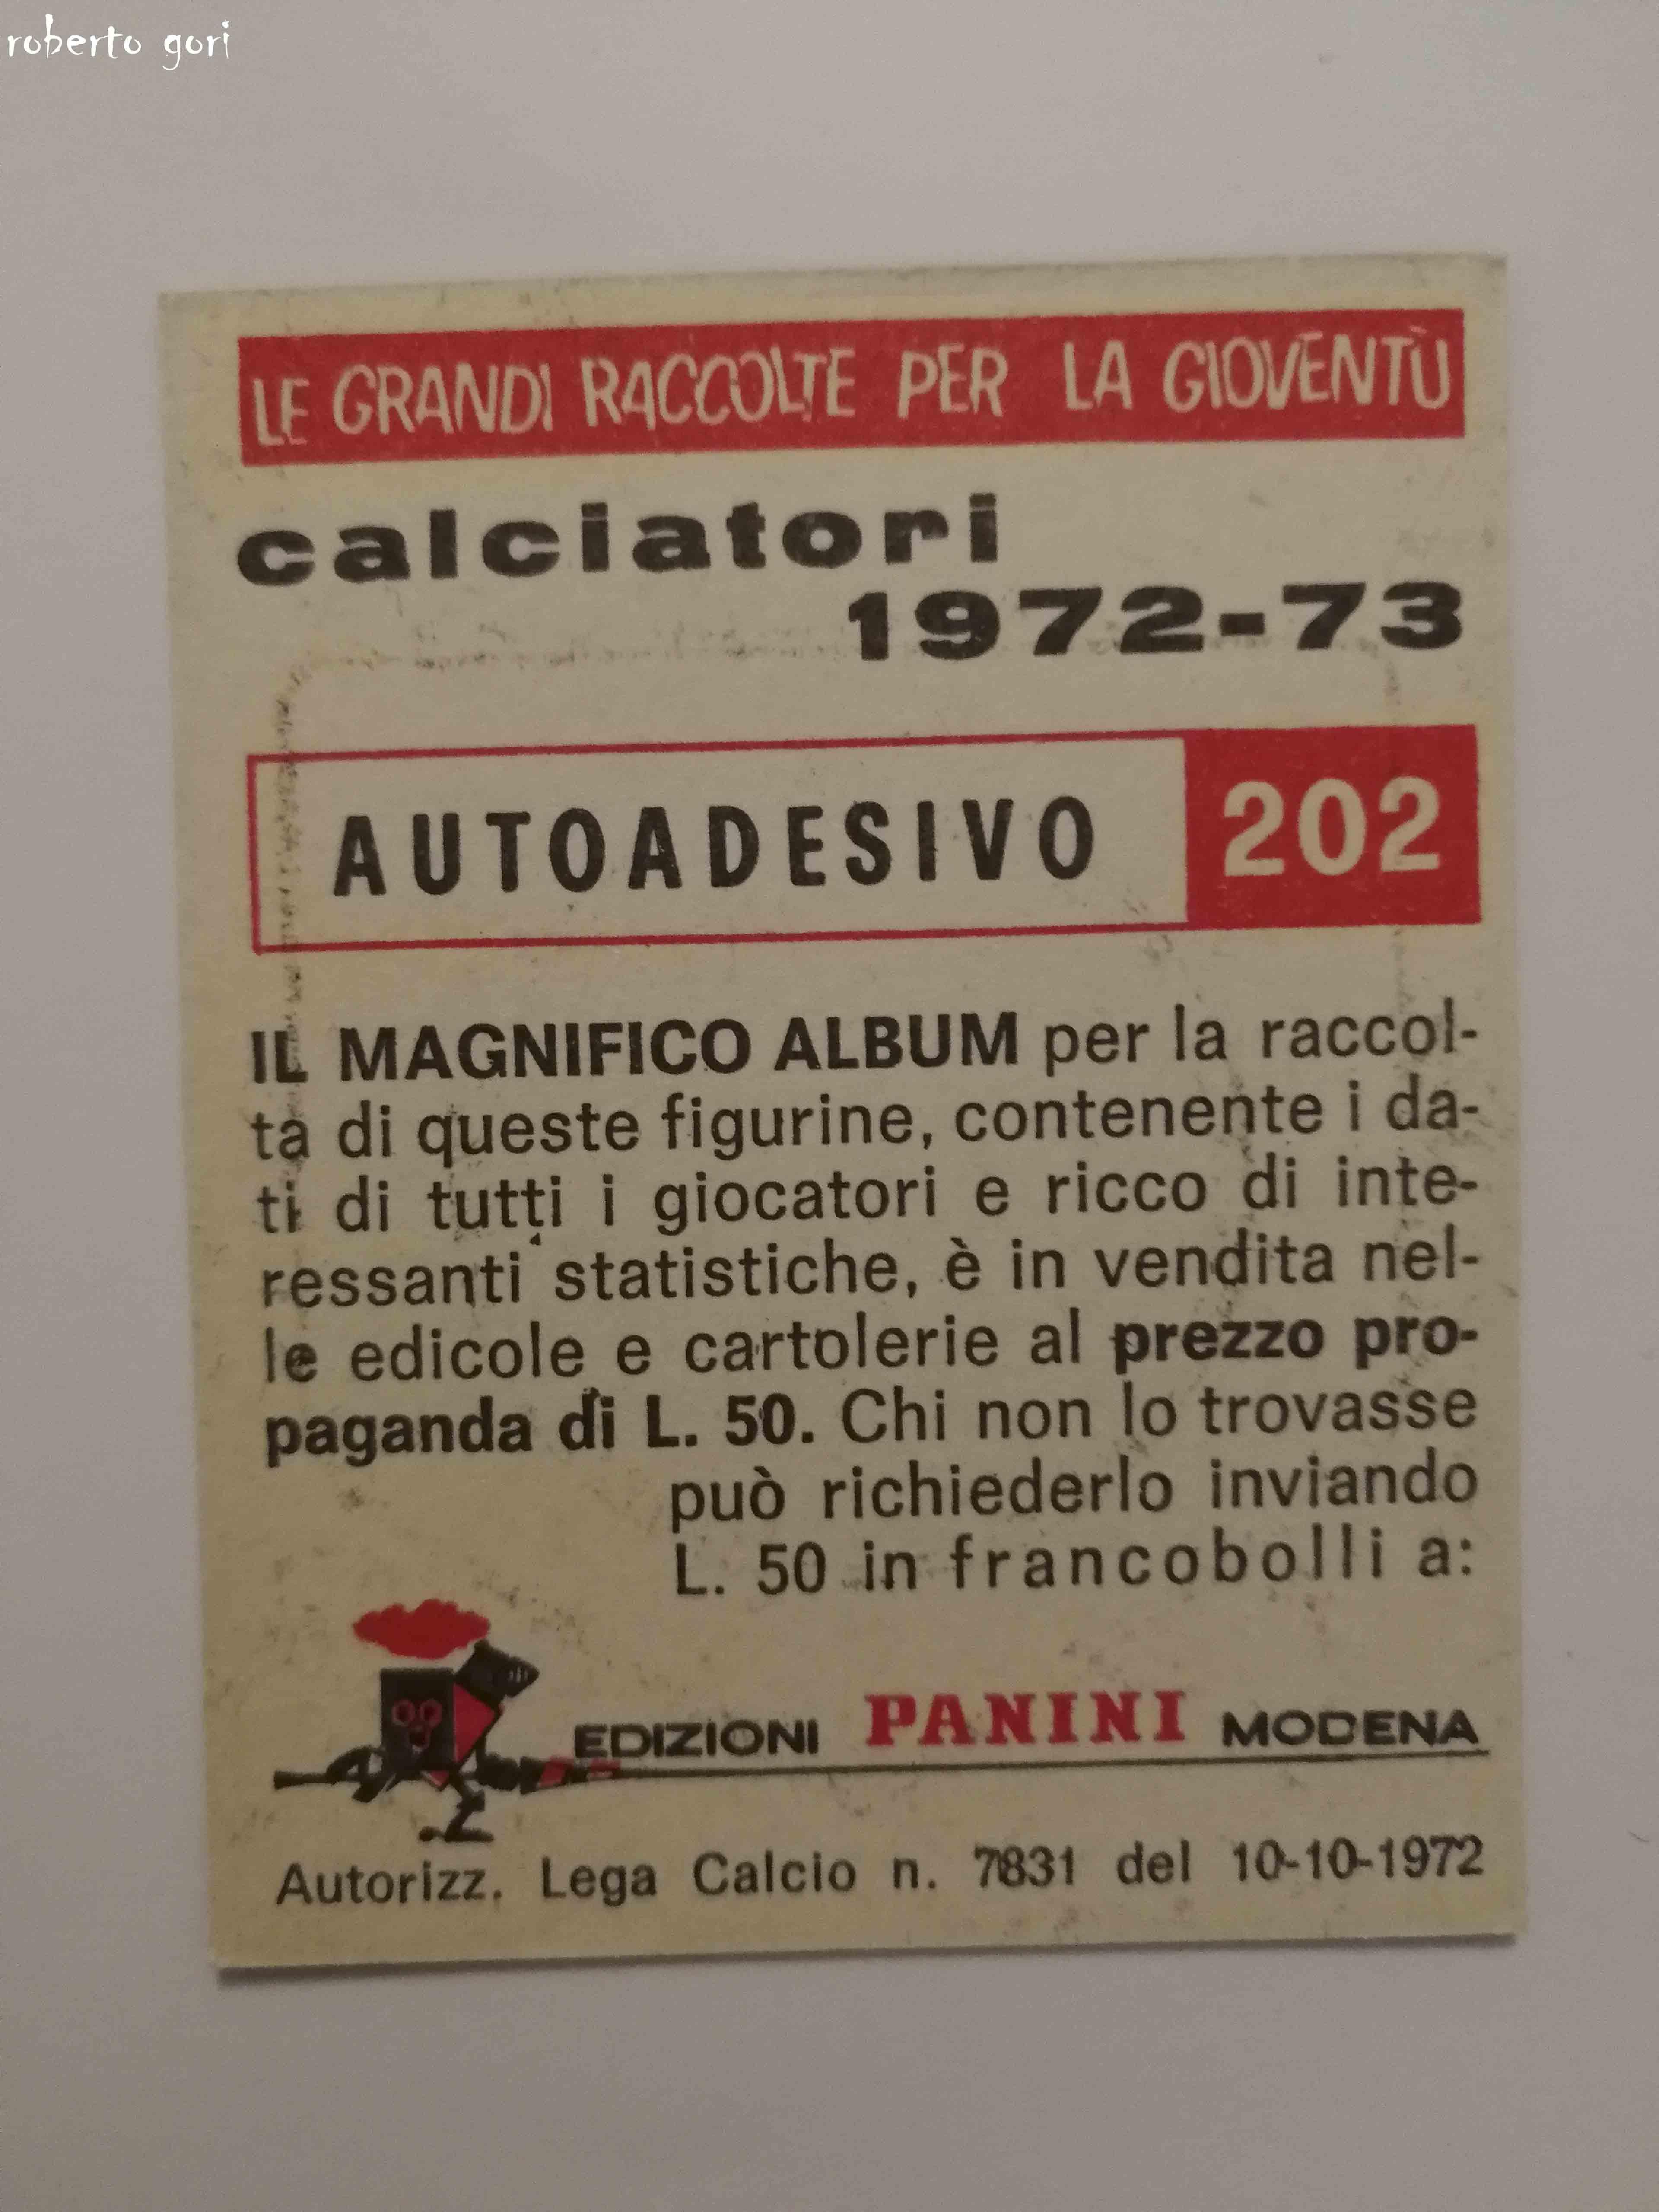 SCUDETTO CALCIATORI PANINI 1972//73 NUOVO MILAN N.202